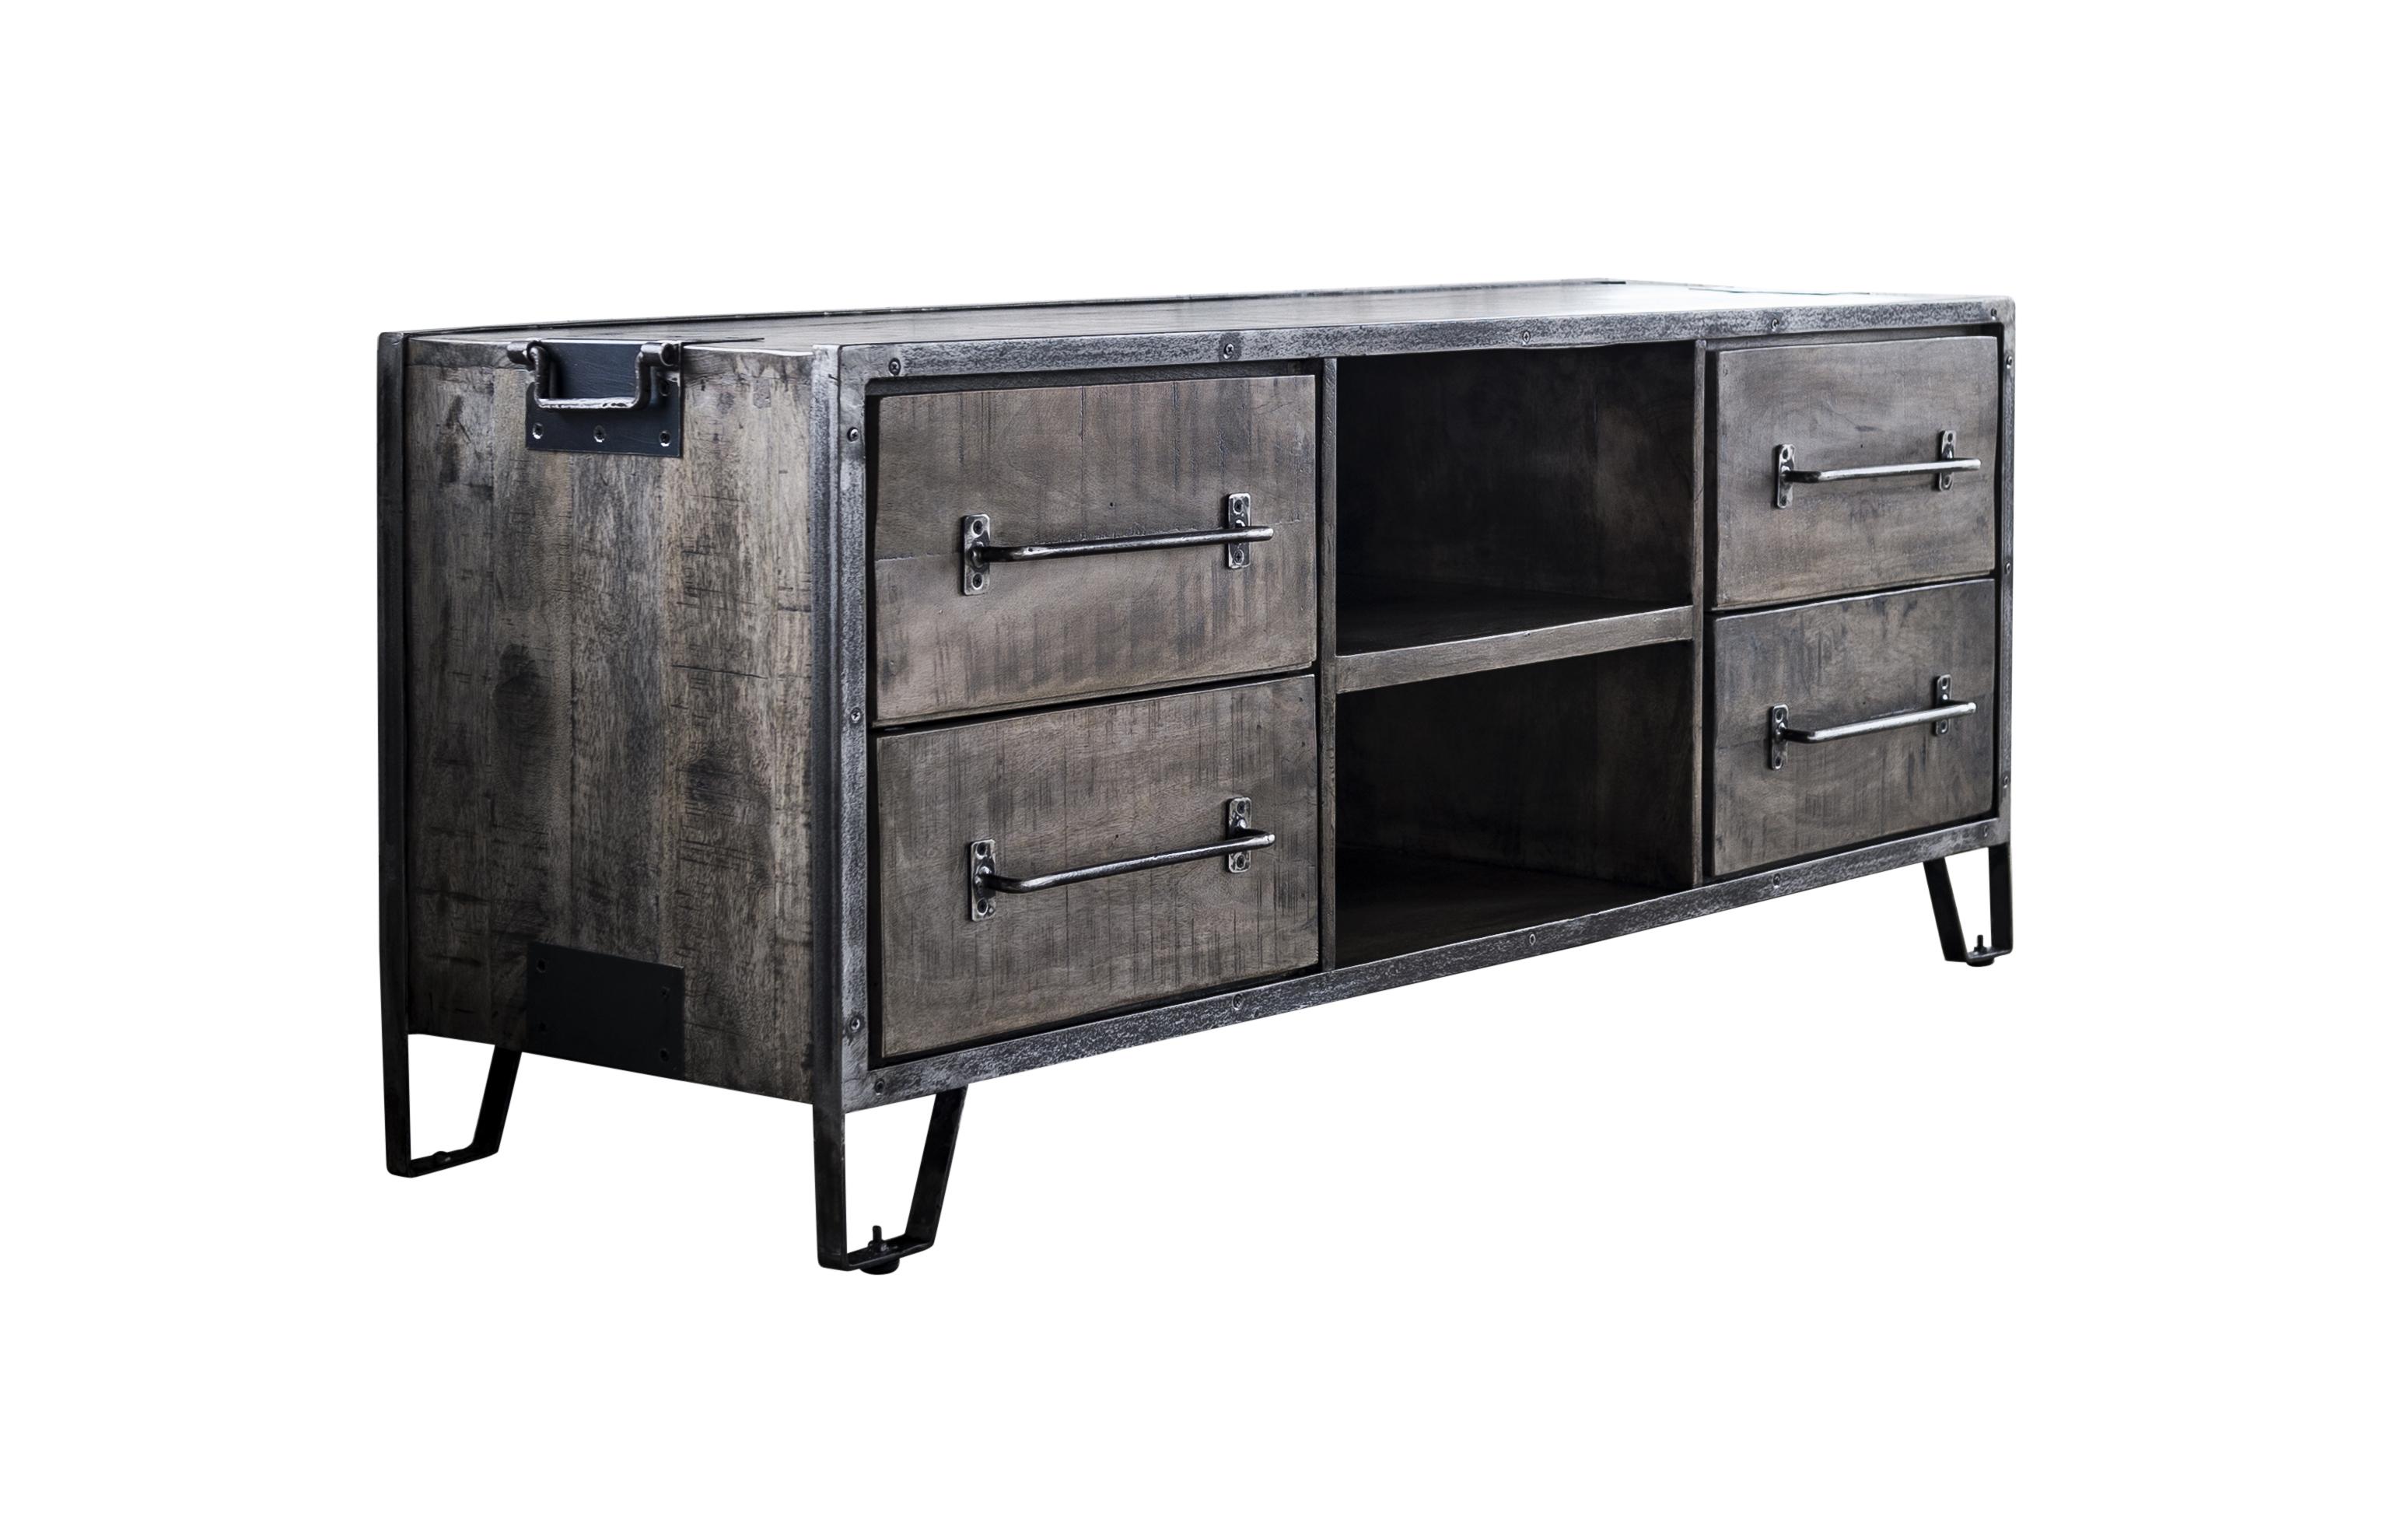 Poignée De Meuble Industrielle meuble tv industriel bois gris 4 tiroirs poignées roadies